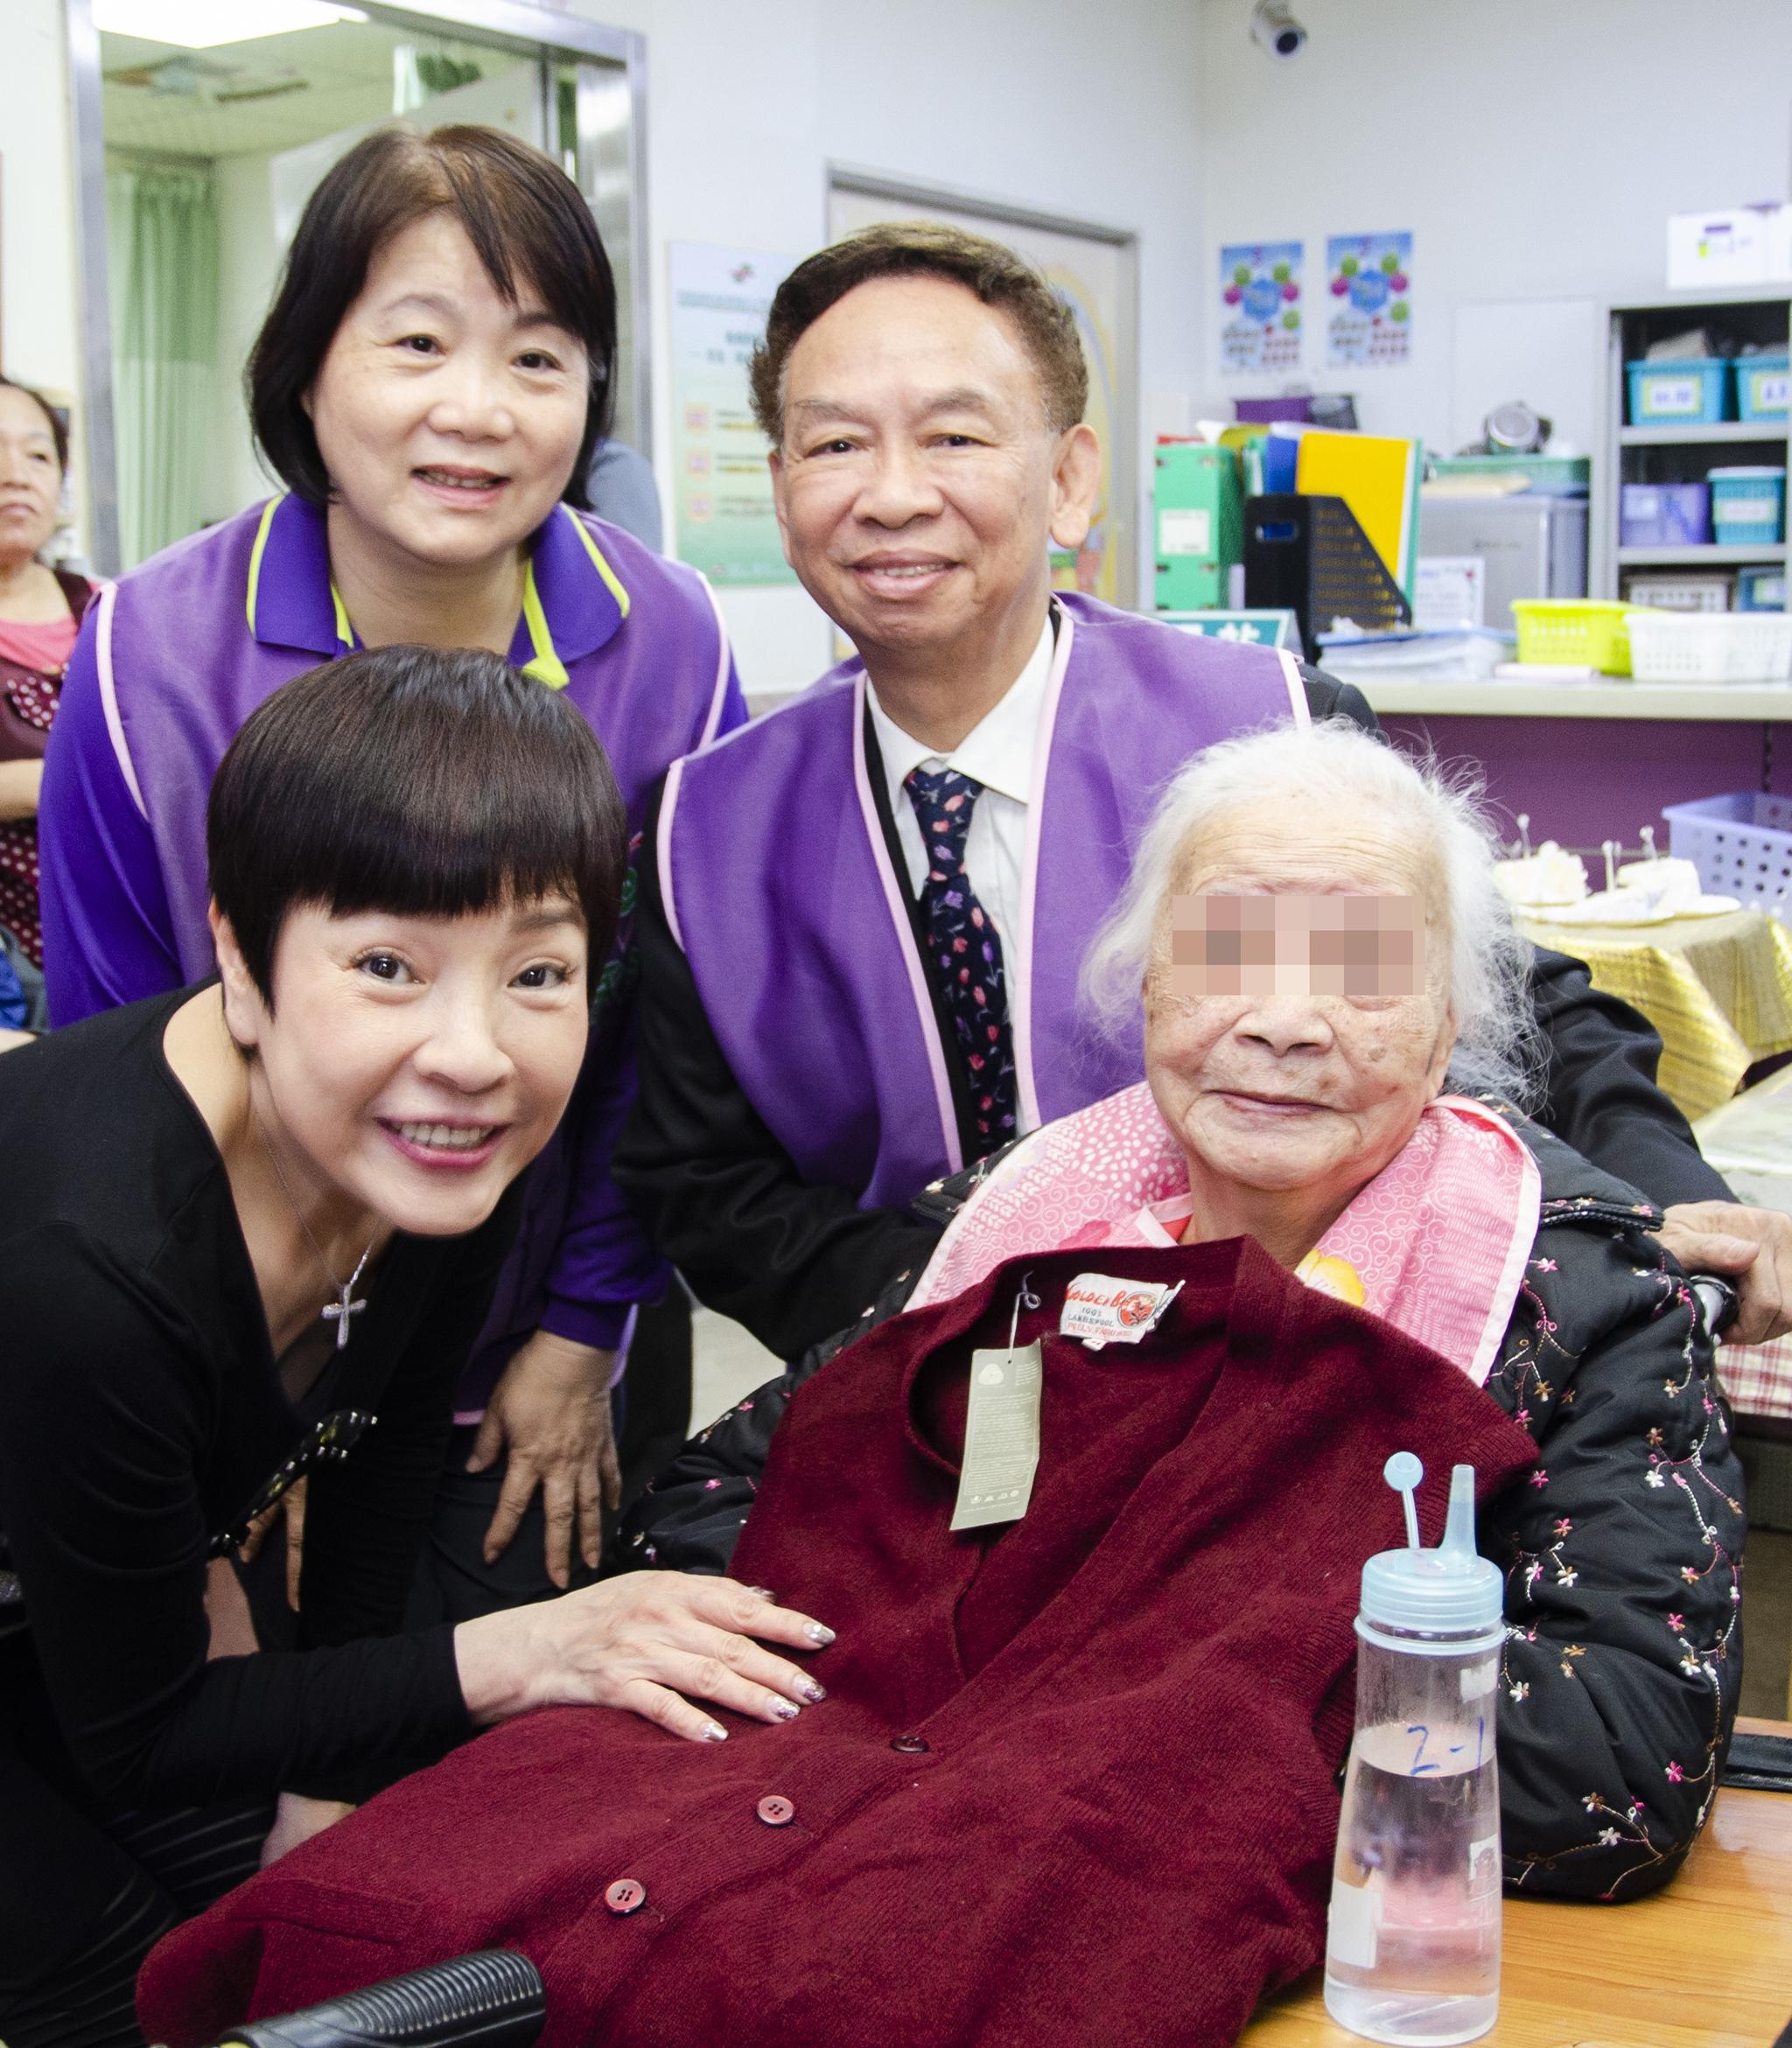 葉明全業務副總幫助高齡九十六歲的阿嬤贏得毛線衣。